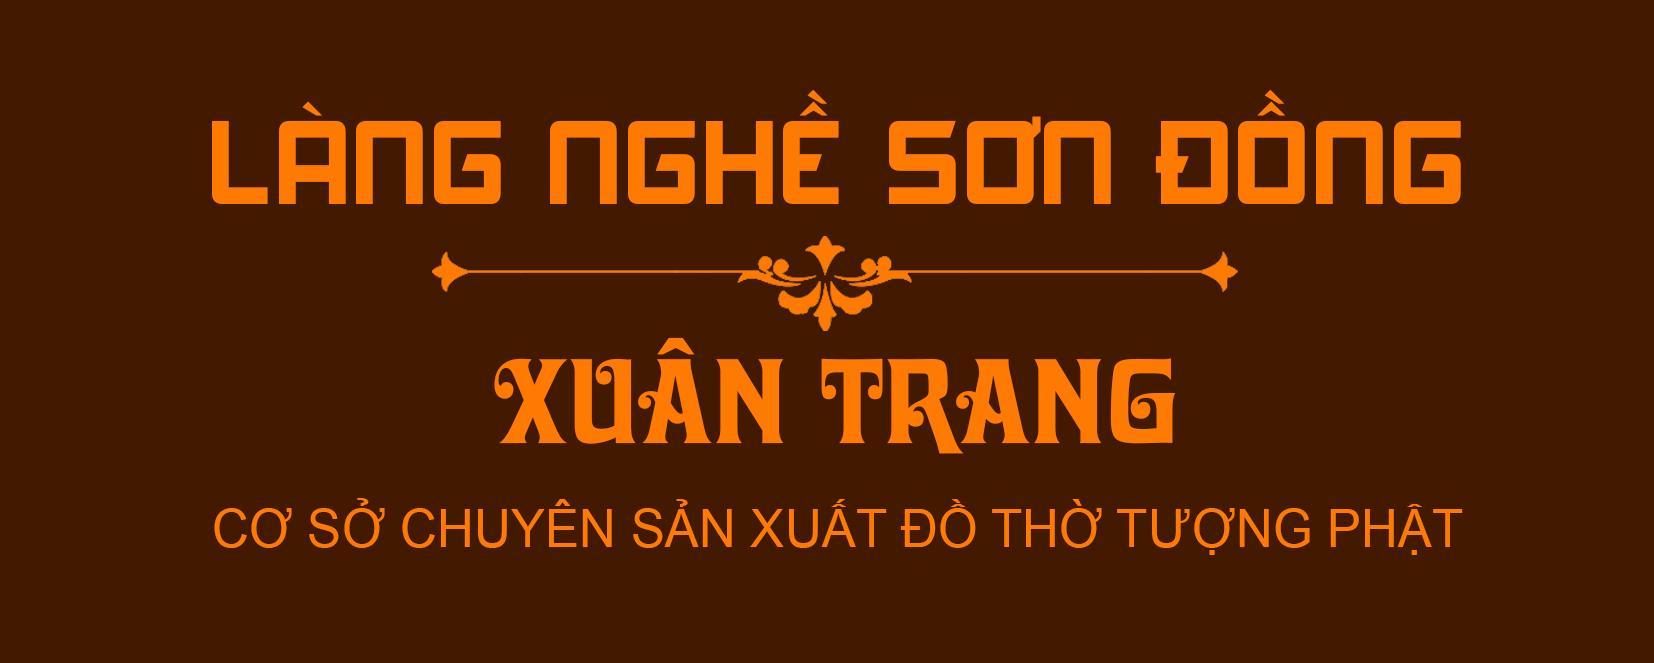 Đồ Thờ Tượng Phật Xuân Trang